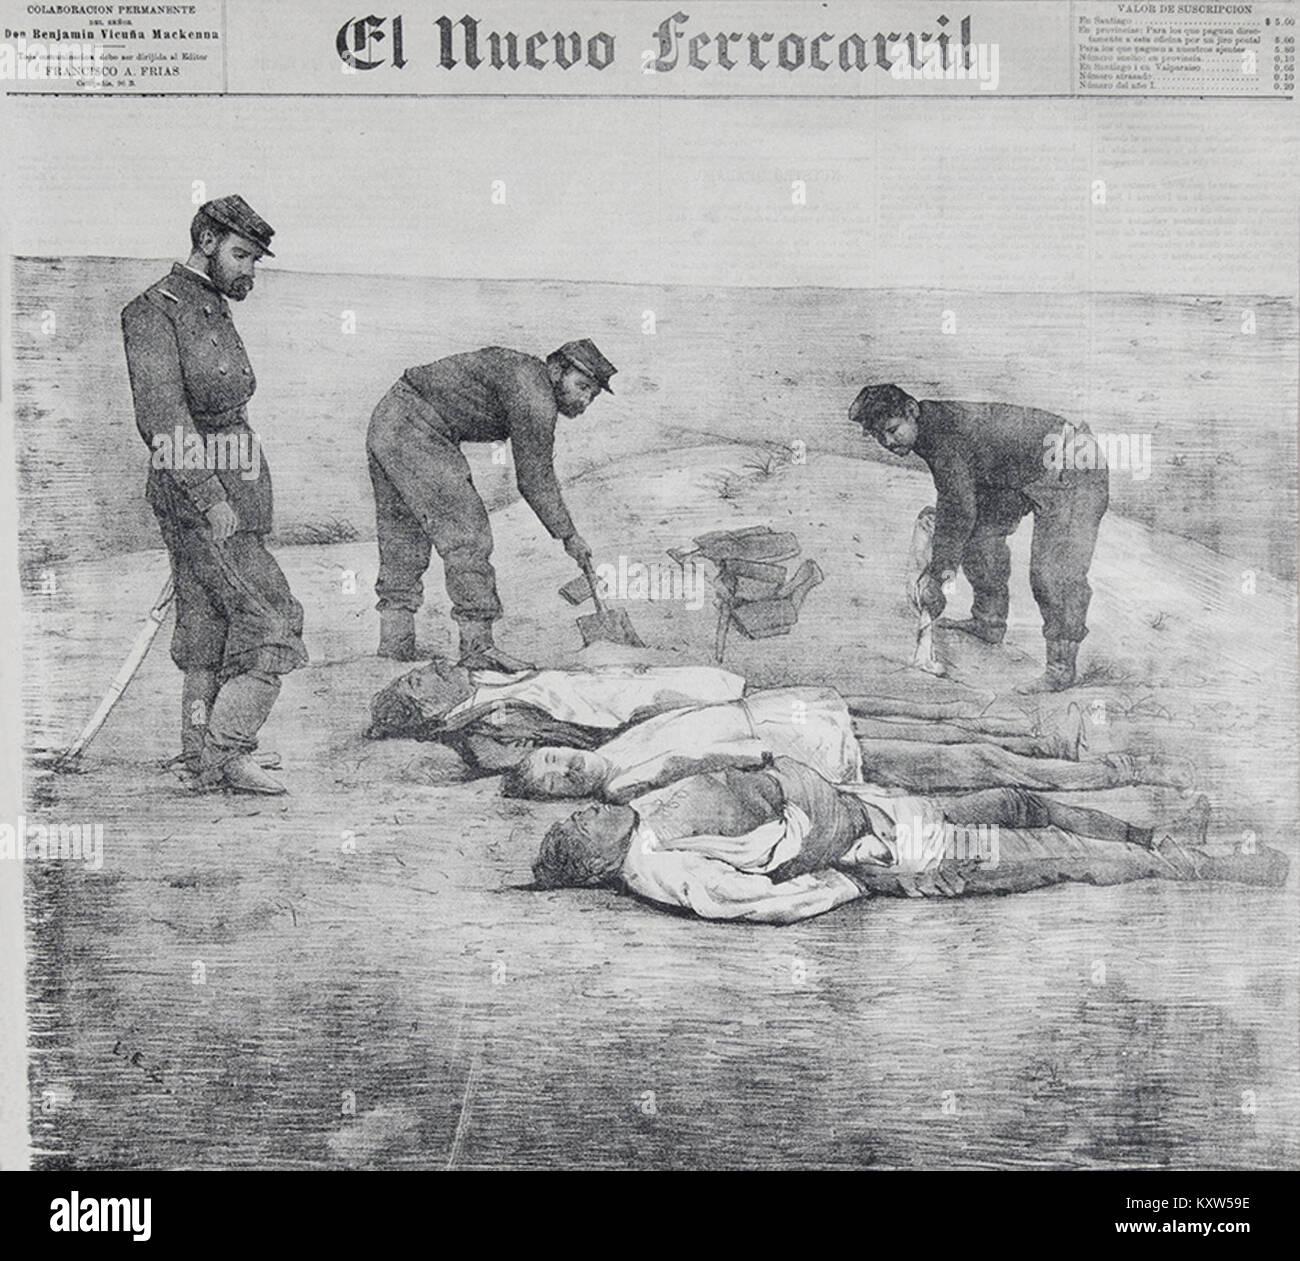 Fotografía de hombres muertos en el campo de La Alianza durante la Guerra del Pacífico, en 1879-2 - Stock Image